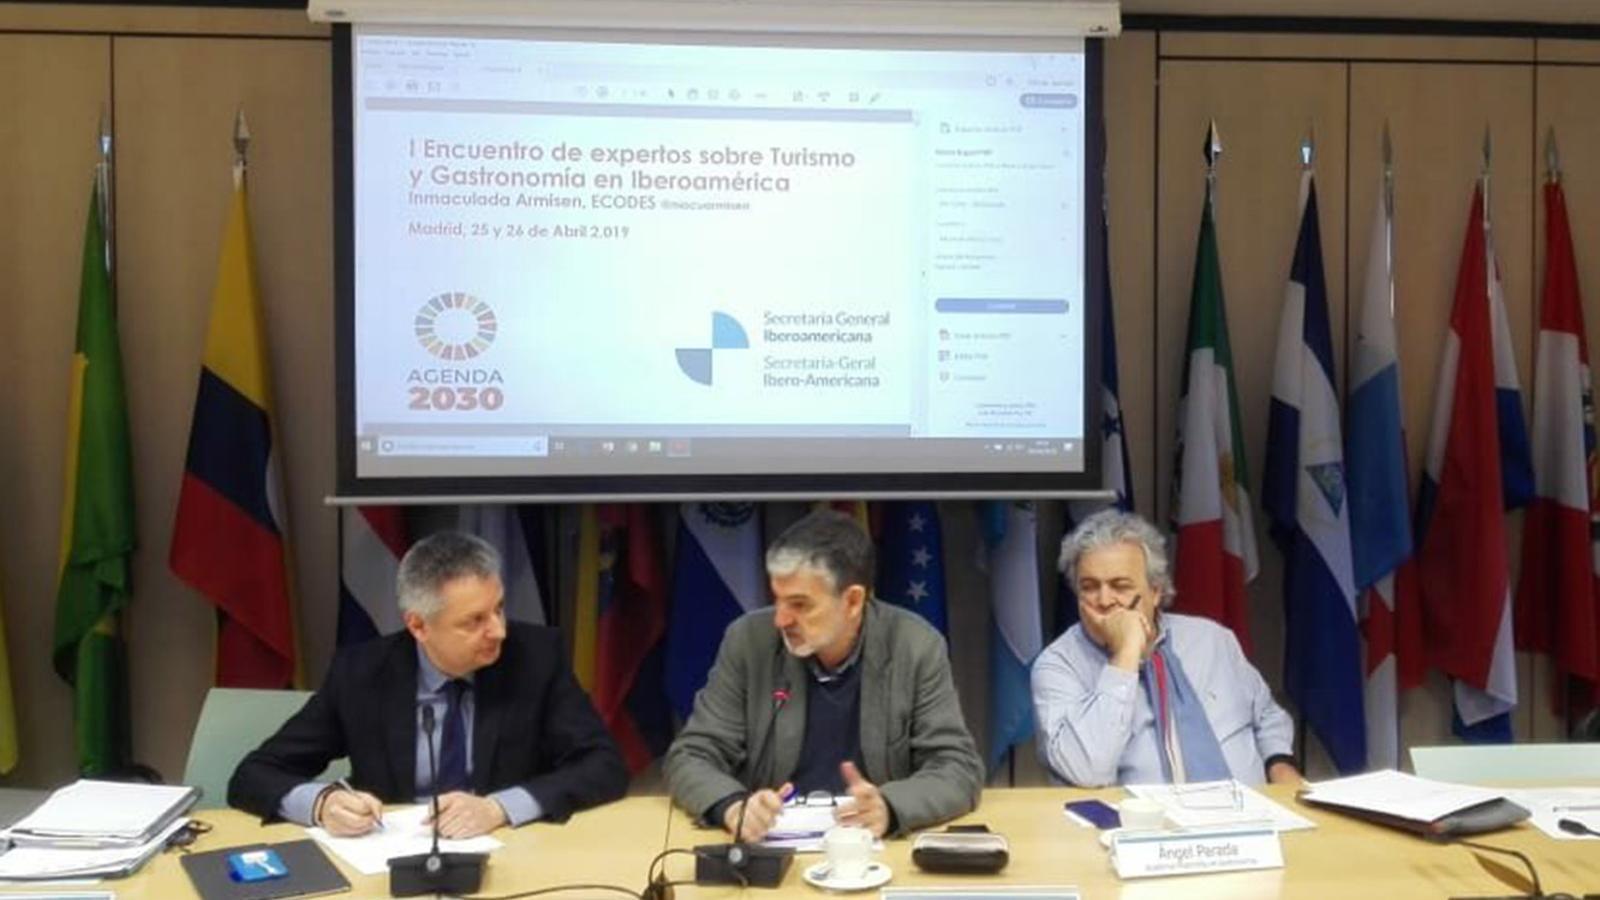 El ministre d'Economia, Competitivitat i Innovació en funcions, Gilbert Saboya, durant la seva intervenció a la trobada de Madrid. / SFG